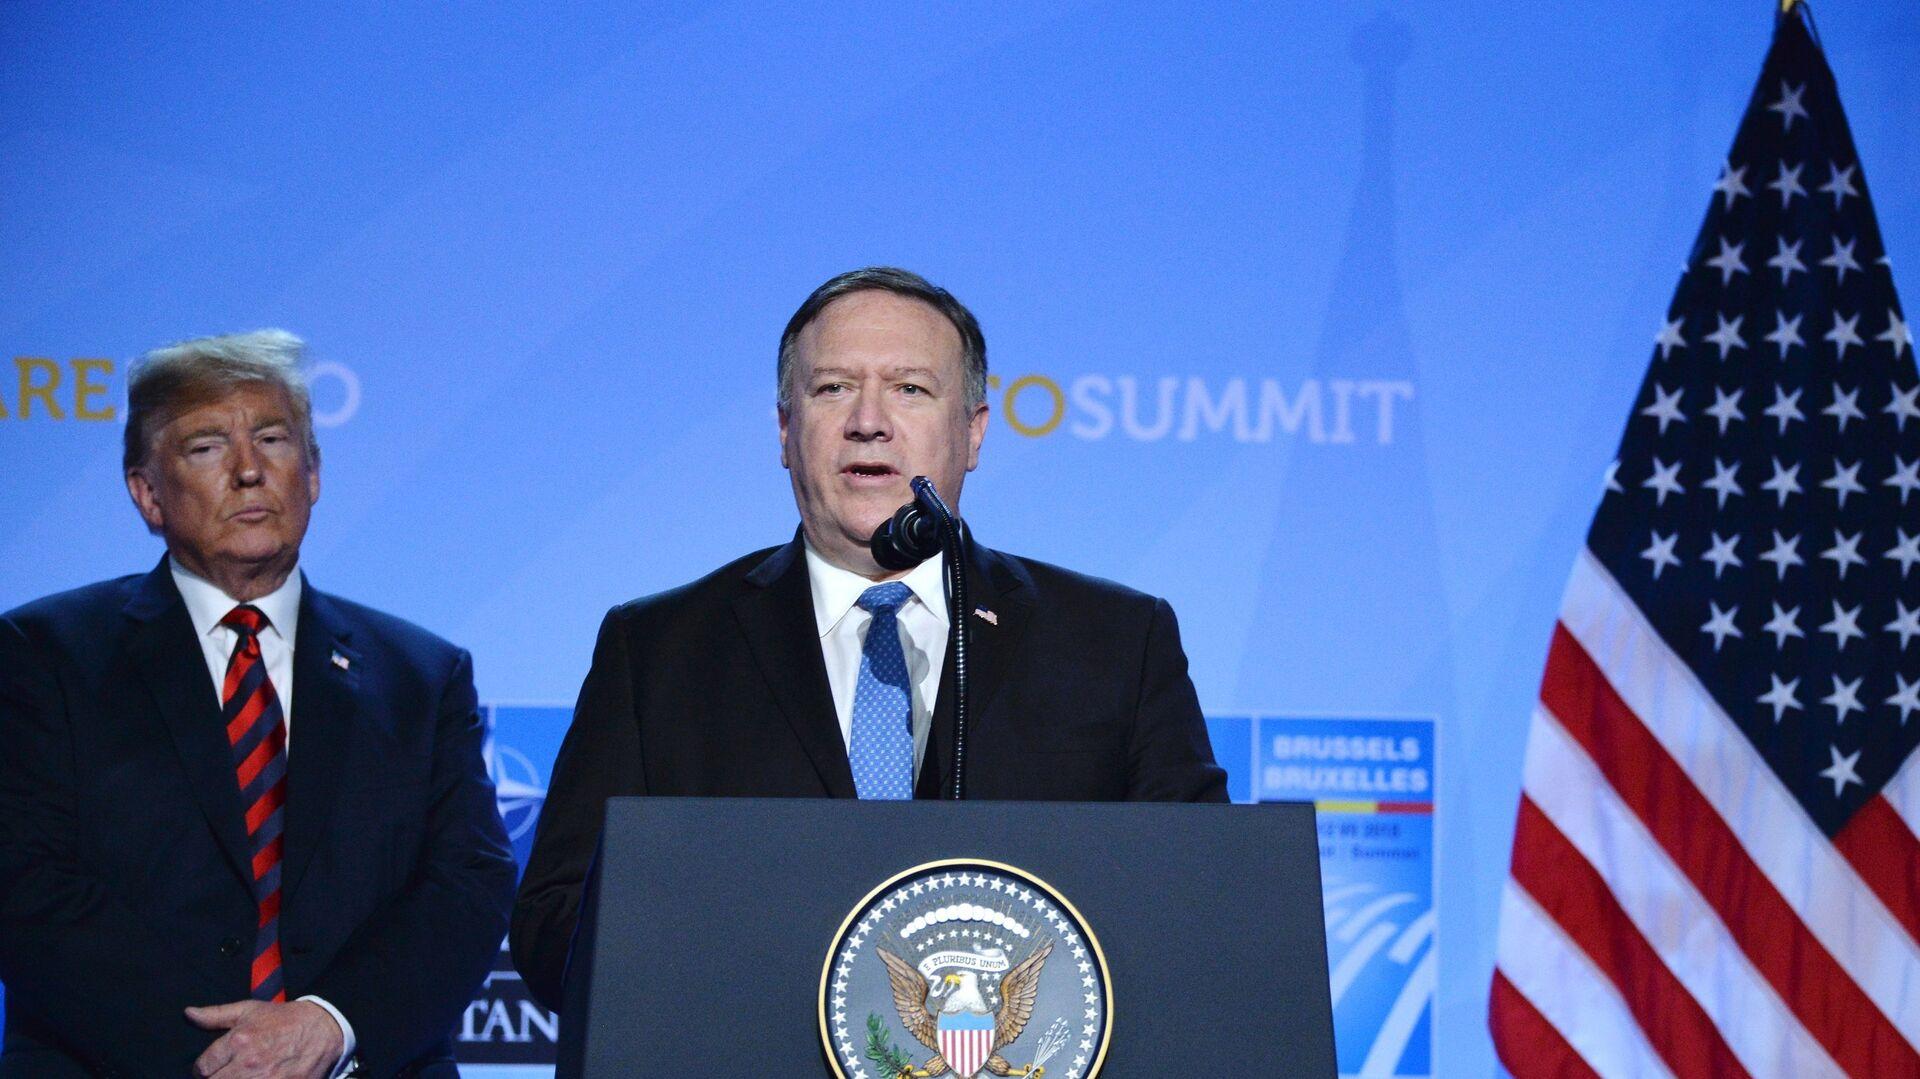 Президент США Дональд Трамп и государственный секретарь США Майк Помпео на саммите НАТО. 12 июля 2018 - РИА Новости, 1920, 15.01.2021